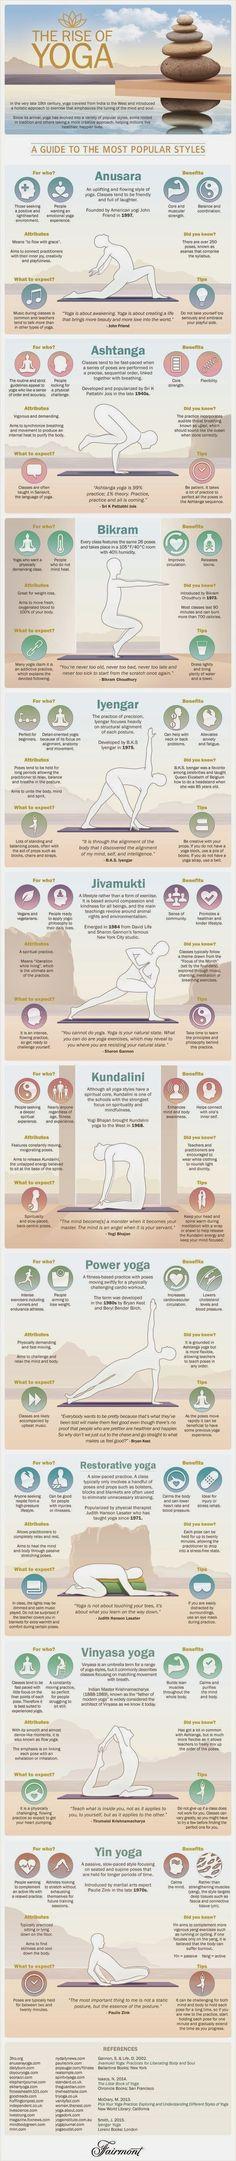 Bikram, Ashtanga, power yoga and Anusara explained. #Yogameditation